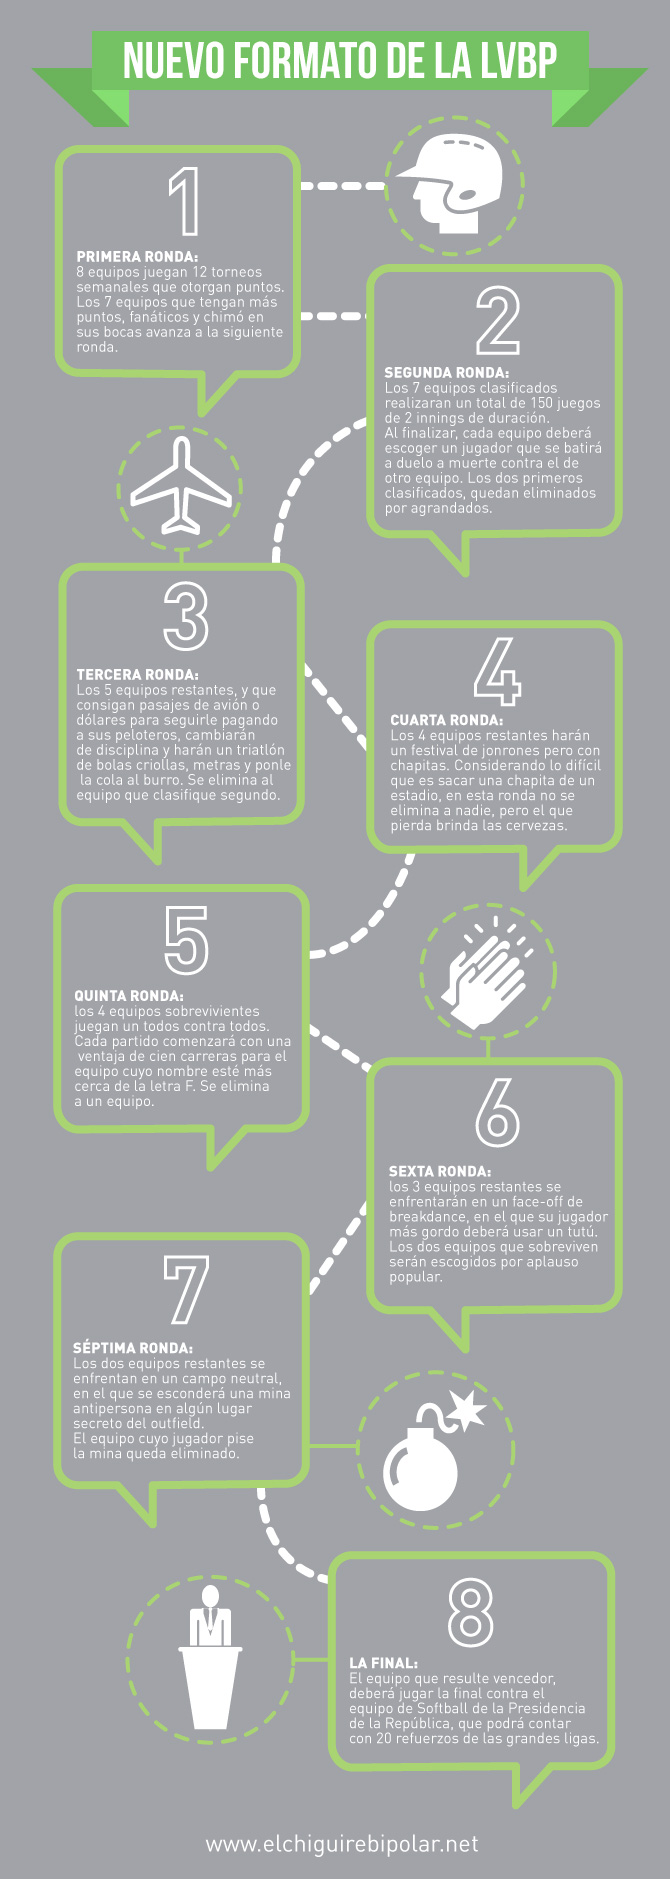 infografia-chiguire1